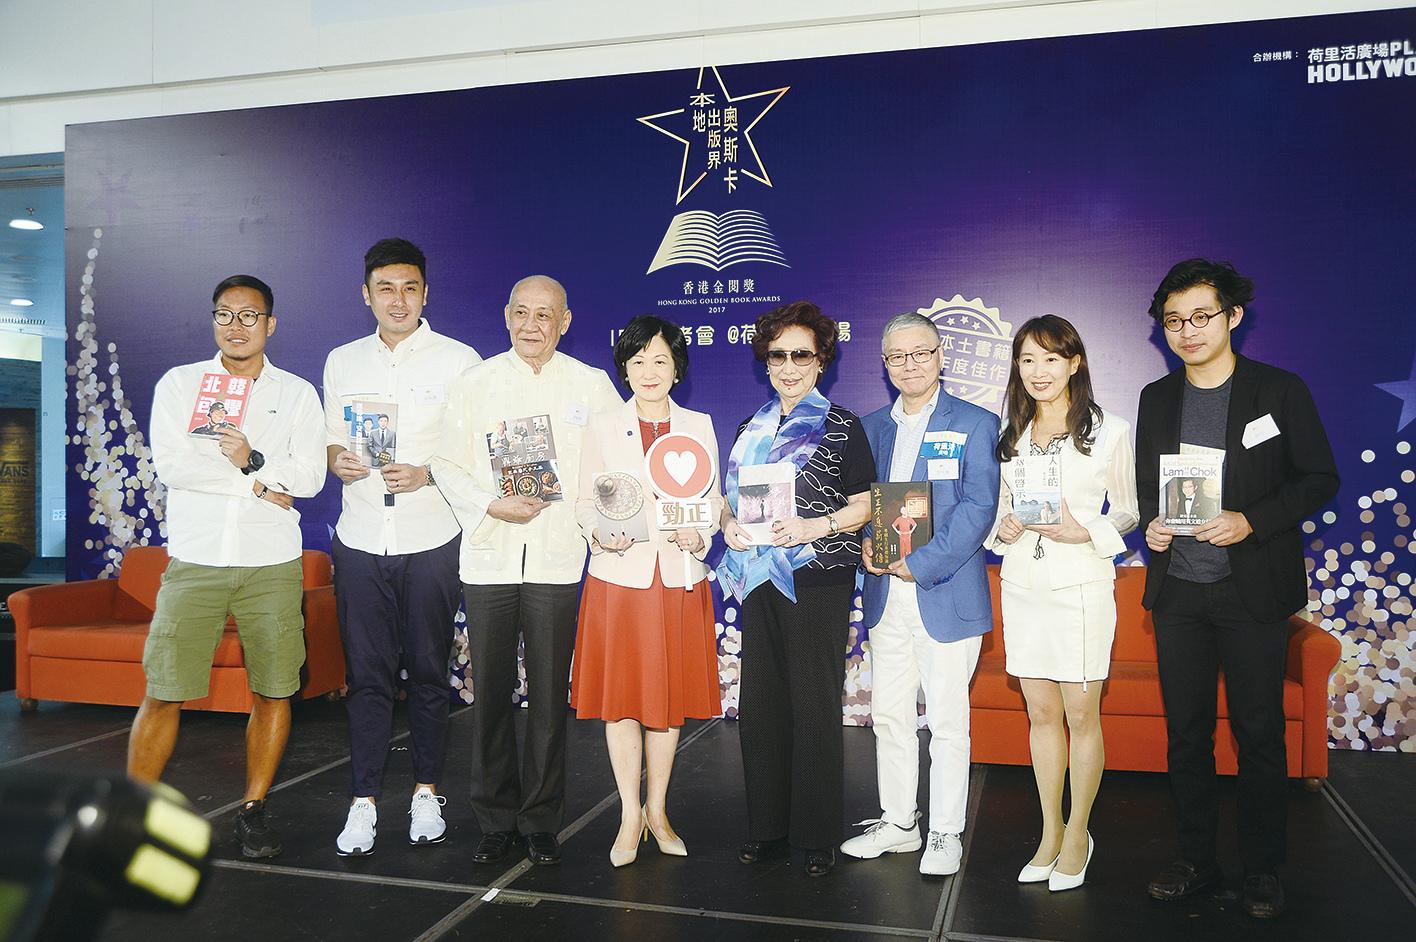 東方昇(左一)、伍家謙、李家鼎、葉劉淑儀、潘迪華、陳美齡、林作(右一)有份入圍今屆「香港金閱獎」。(宋碧龍/大紀元)